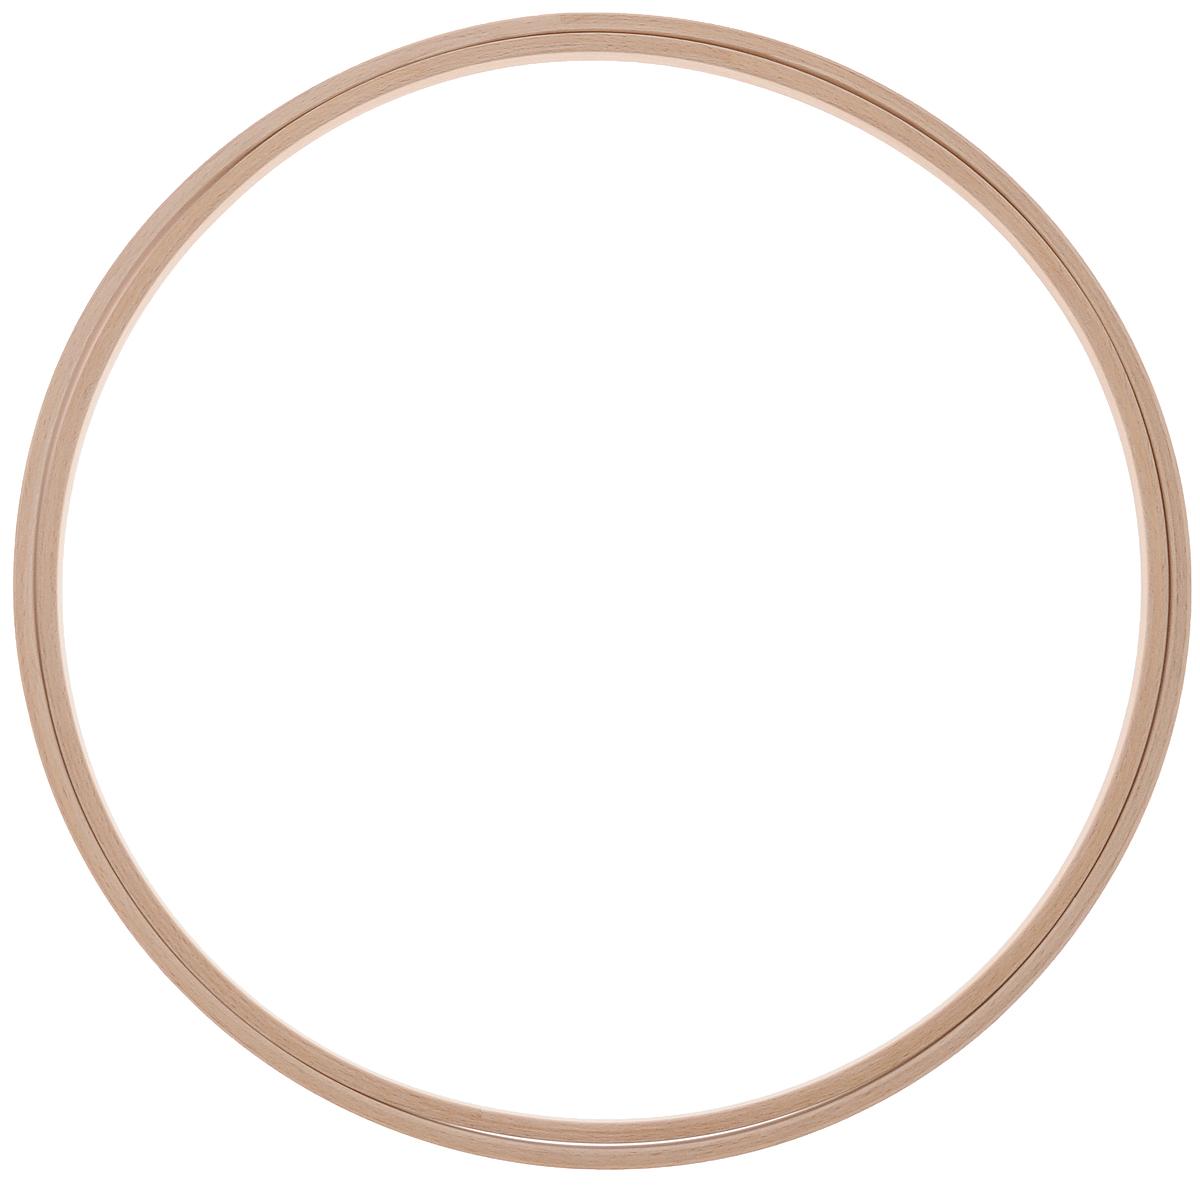 Пяльцы Klass & Gessmann, диаметр 27,5 см. 201-10201-10Пяльцы Klass & Gessmann изготовлены из трехслойного клееного полированного бруса (бука). Пяльцы просто незаменимы для вышивки. Их основное назначение - держать материал в натянутом состоянии. Данные пяльцы предназначены для вышивки небольших работ. Работа, сделанная своими руками, создаст особый уют и атмосферу в доме и долгие годы будет радовать вас и ваших близких. А подарок, выполненный собственноручно, станет самым ценным для друзей и знакомых. Диаметр: 27,5 см. Высота обода: 8 мм.